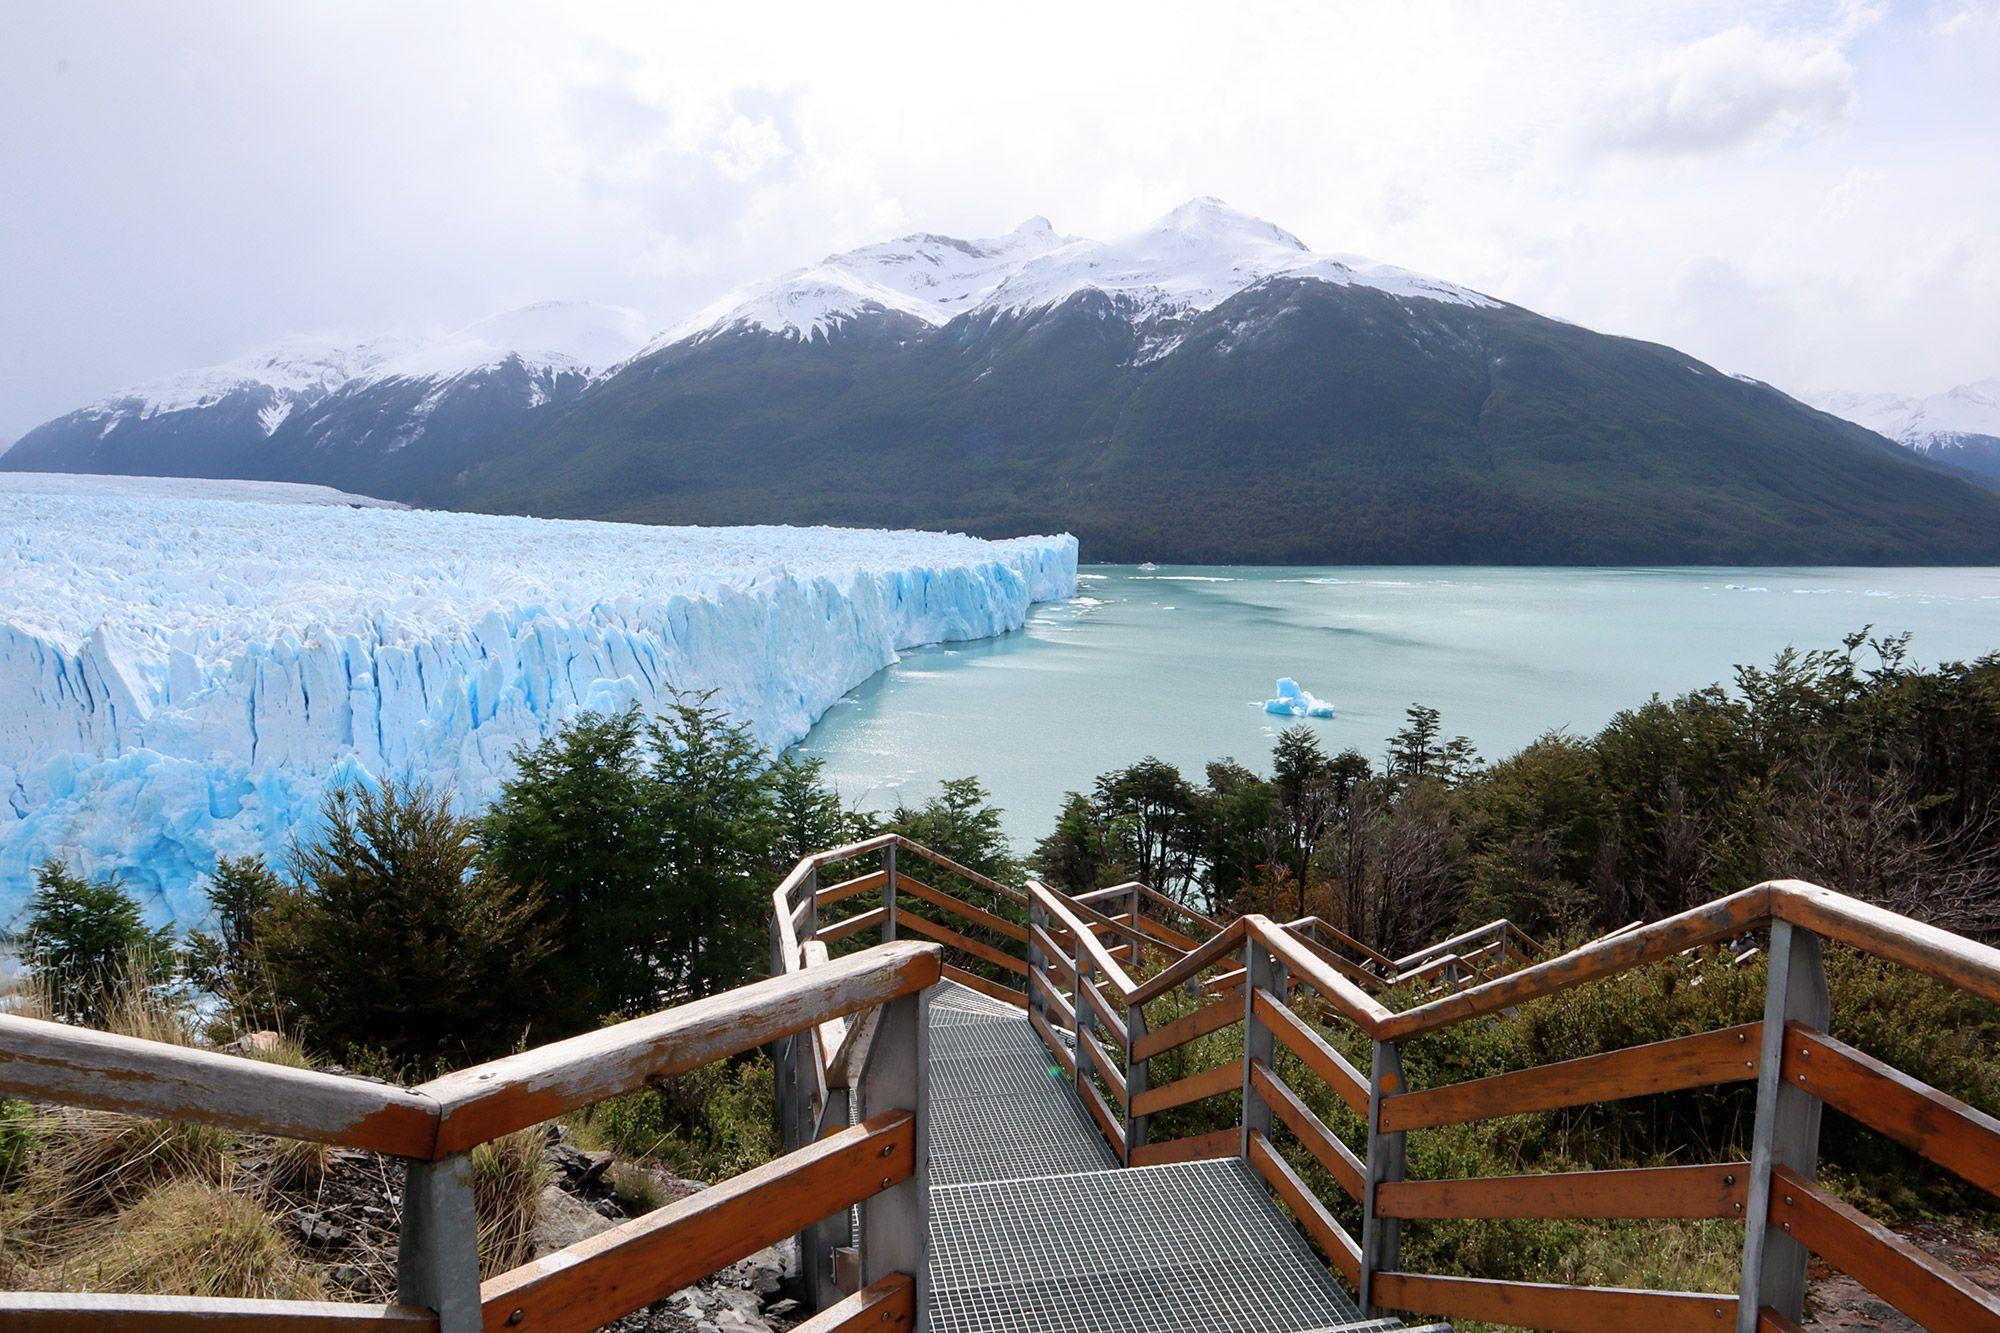 Pin van Reizen & Reistips op Chili El calafate